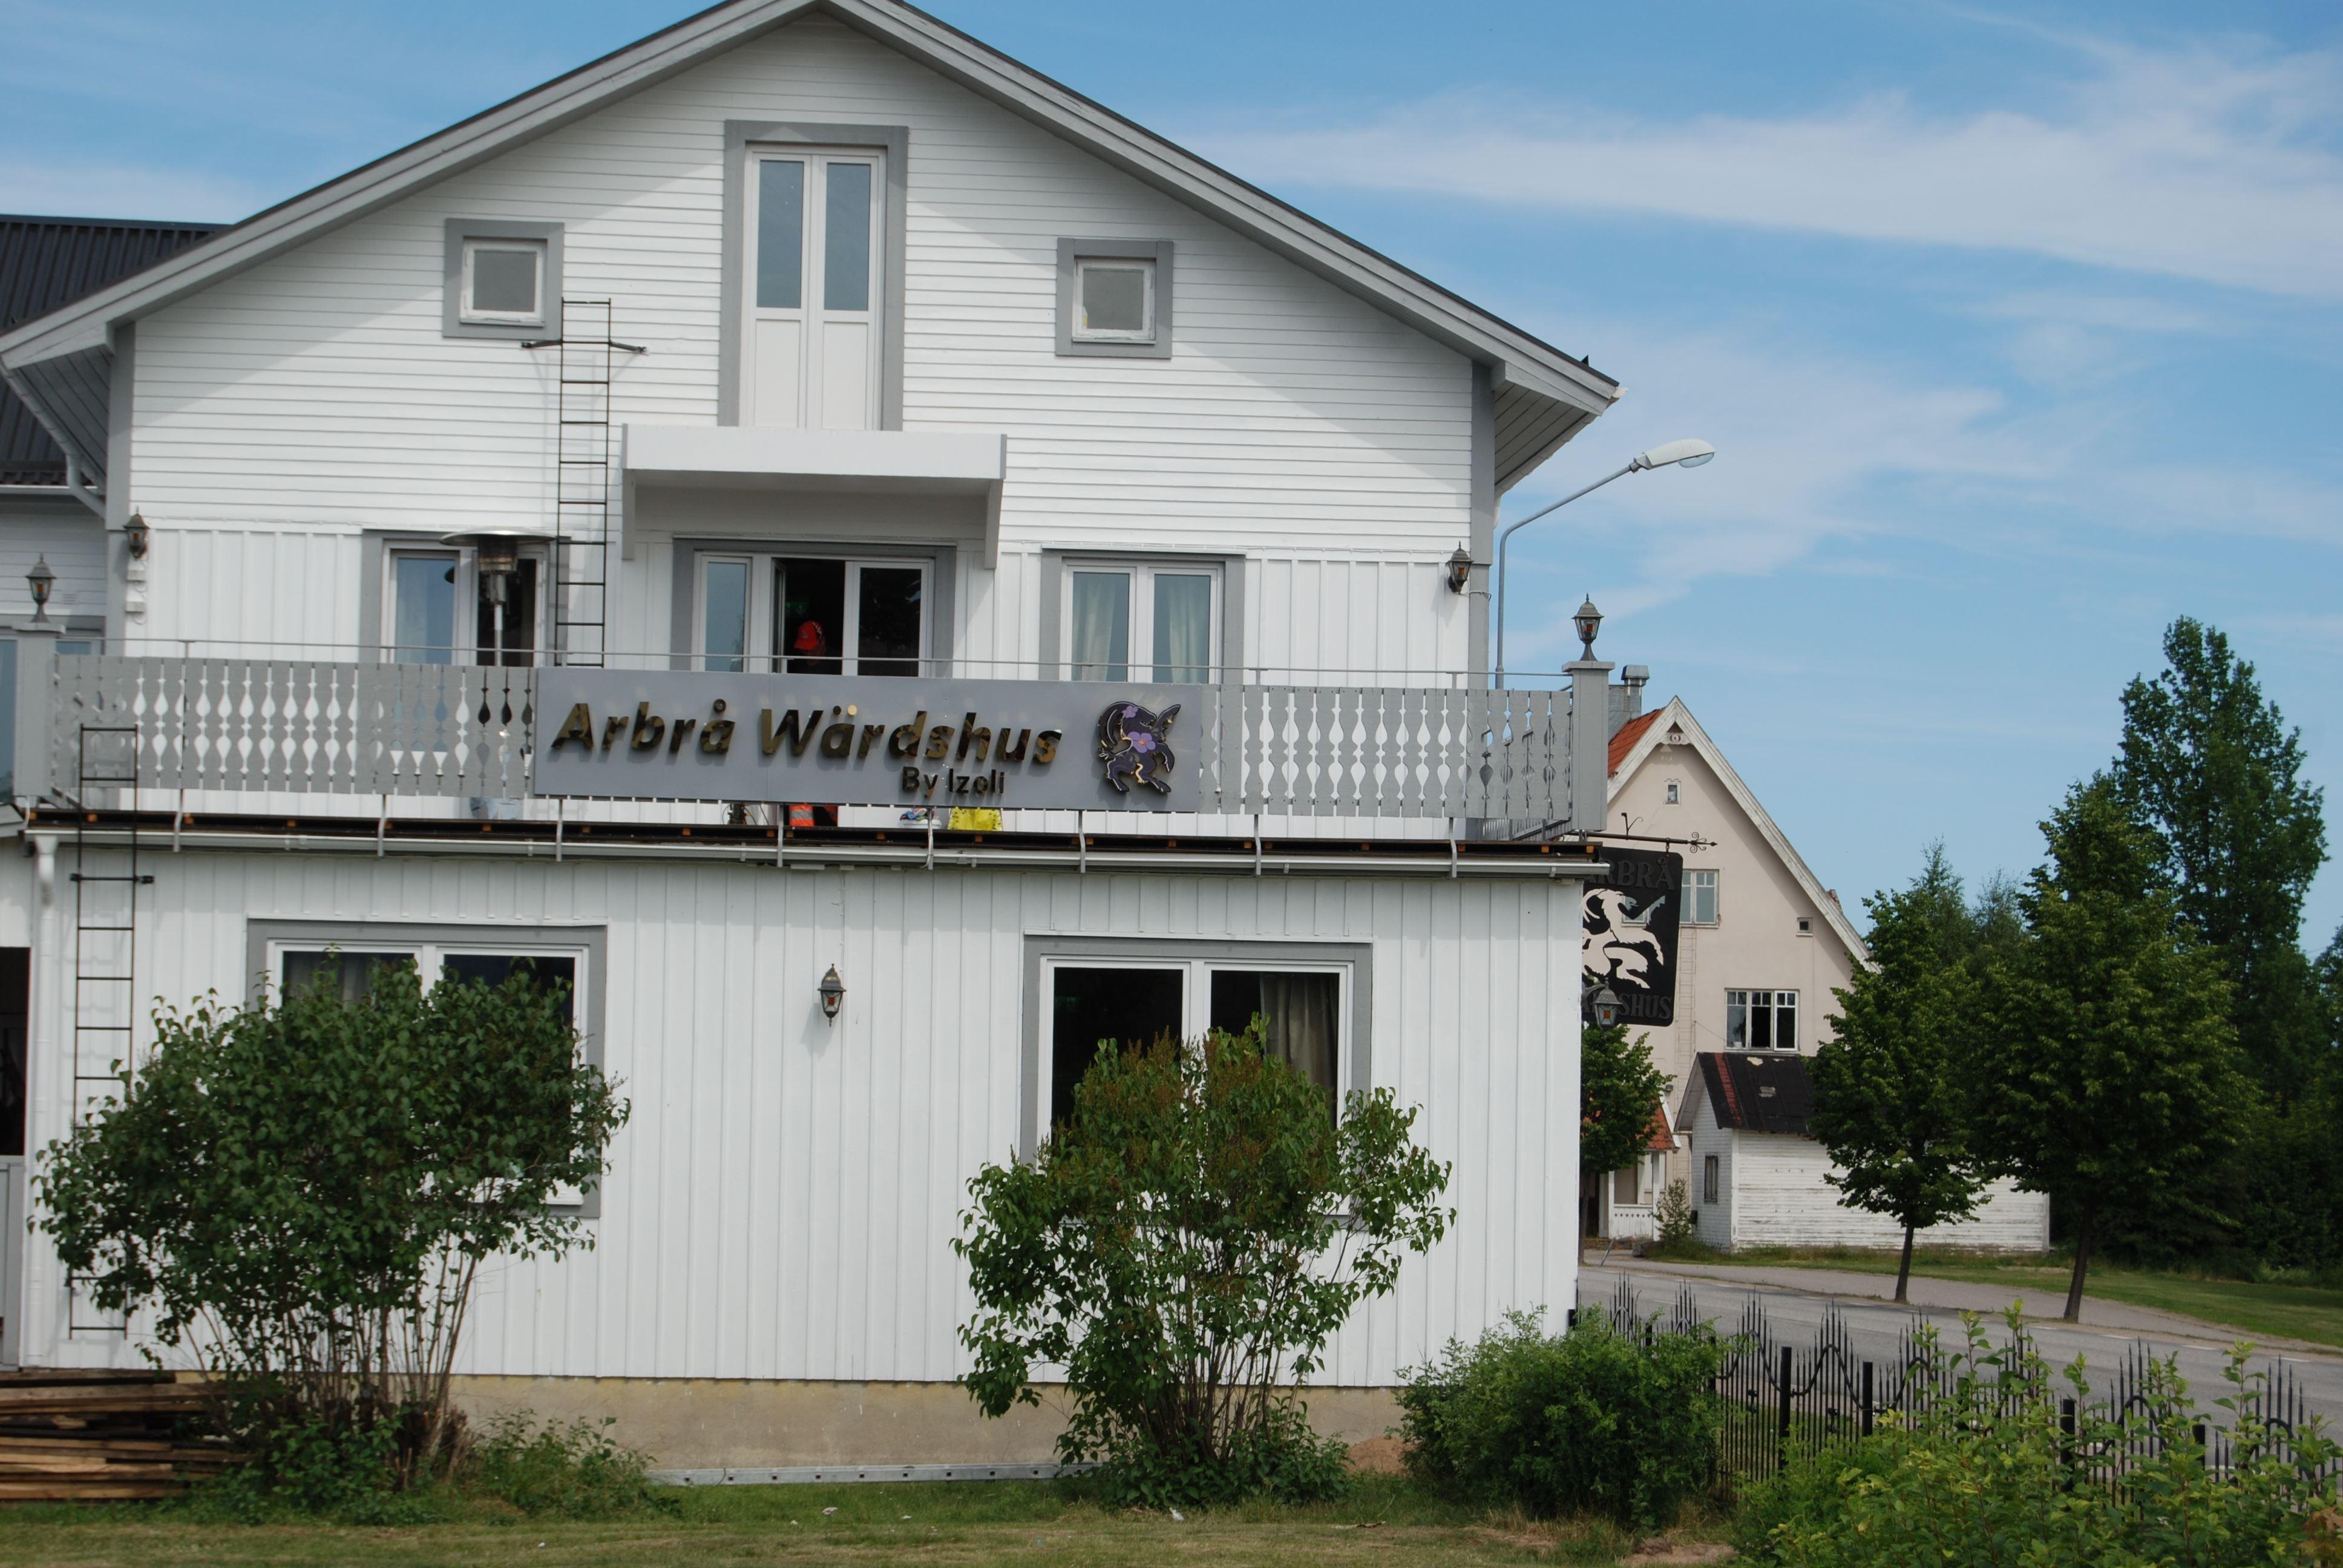 Arbrå Wärdshus Restaurang övernattning lunch Hälsingland